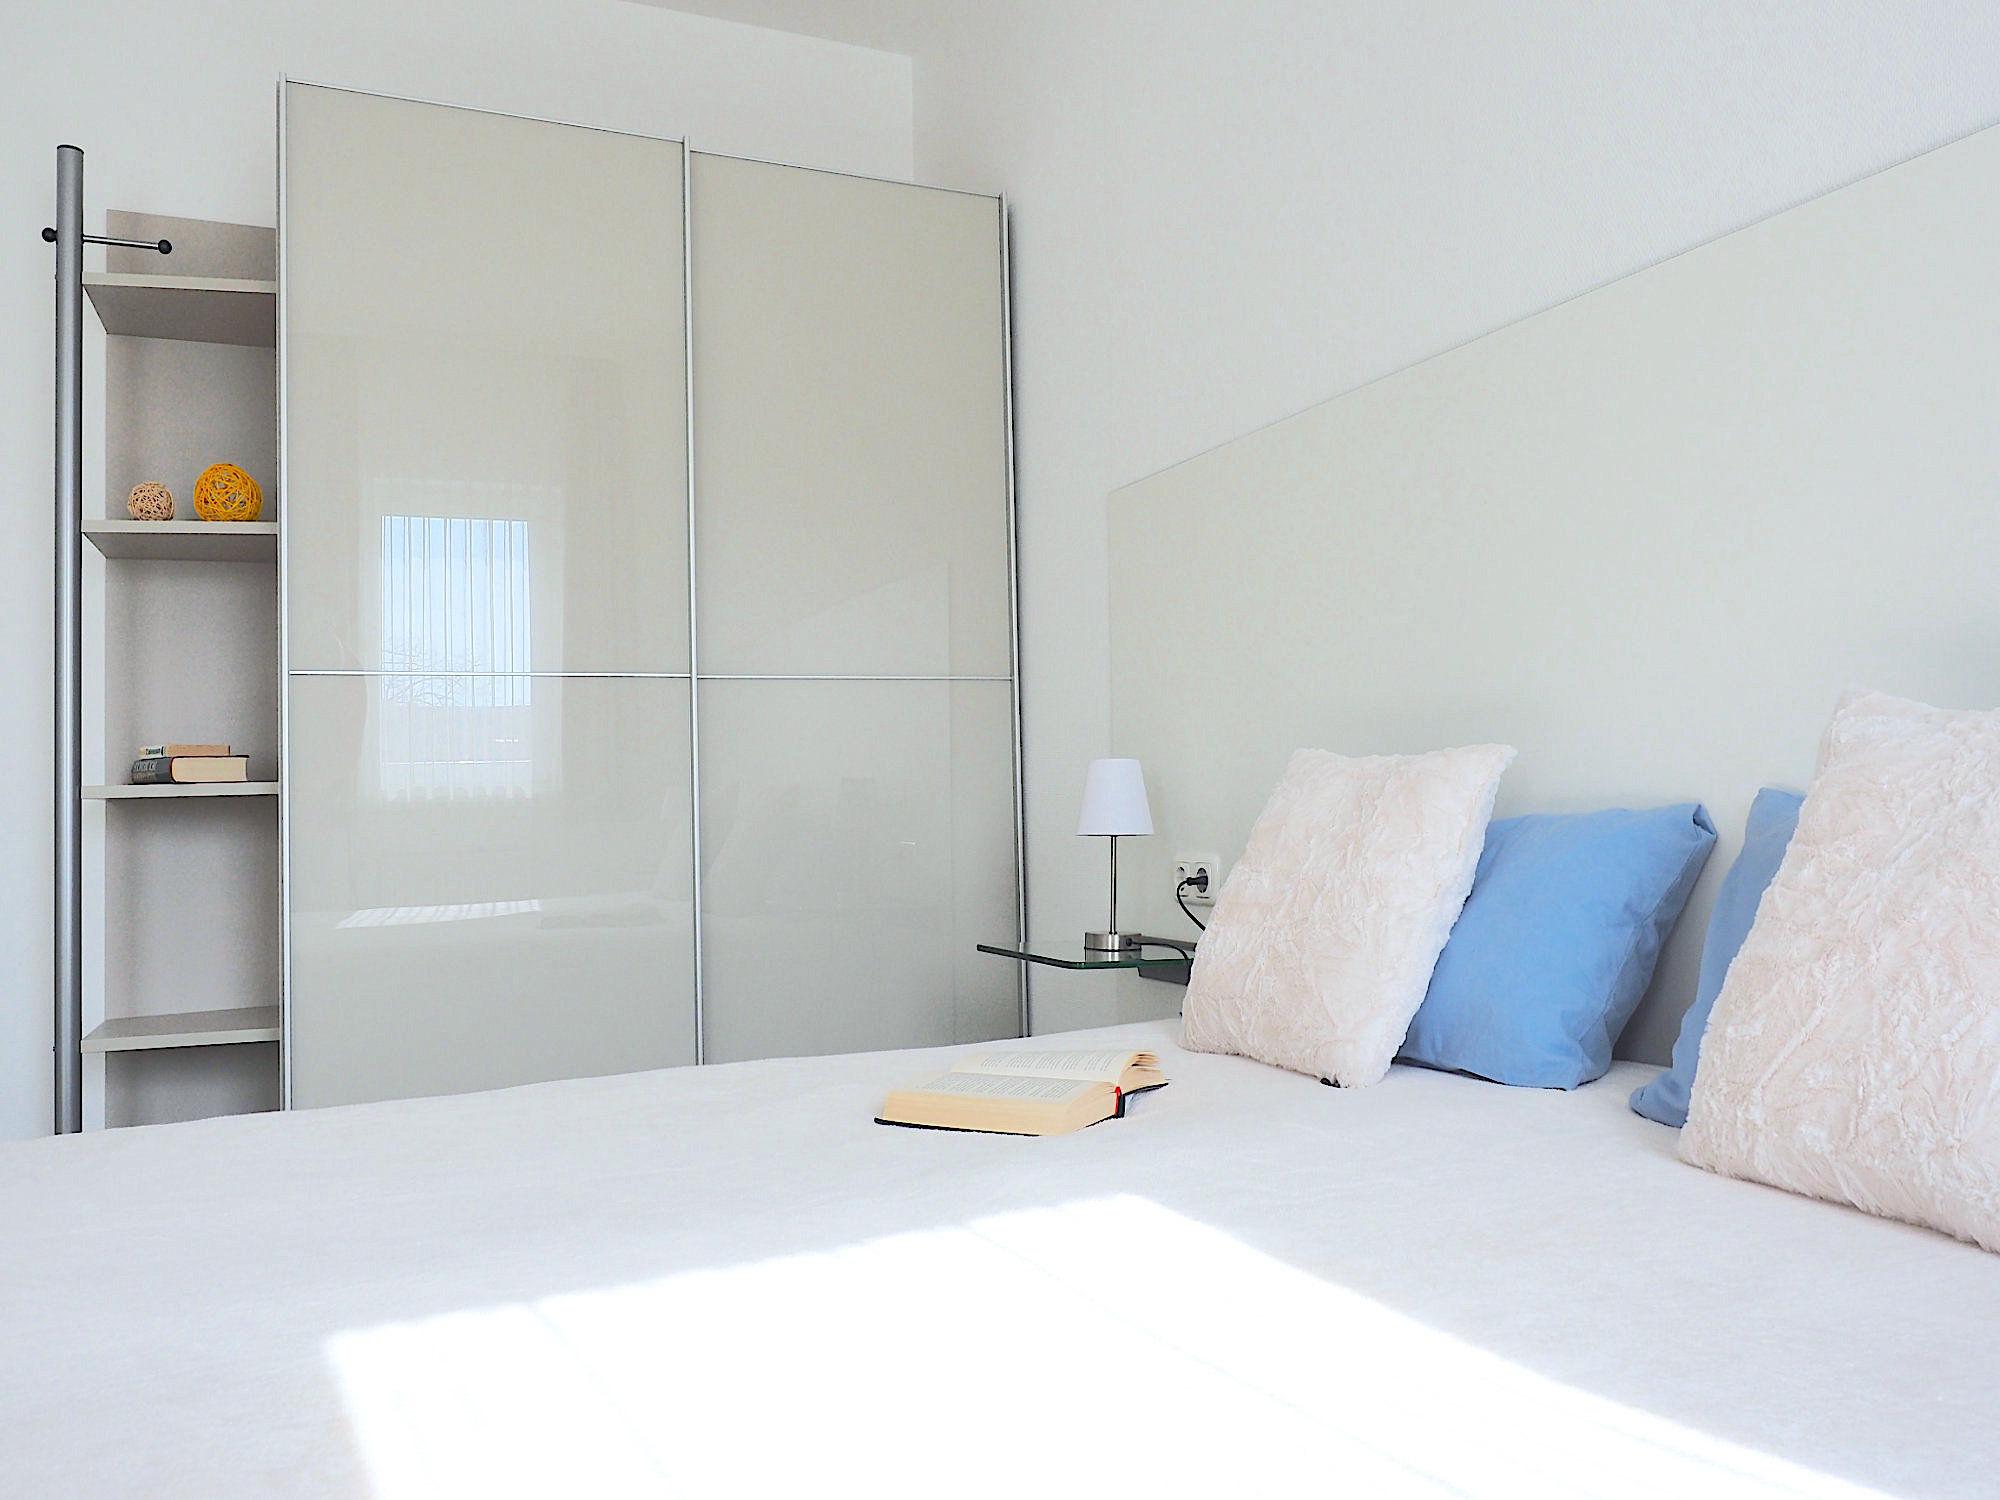 Schlafzimmer mit Doppelbett, links davon ein großer Kleiderschrank